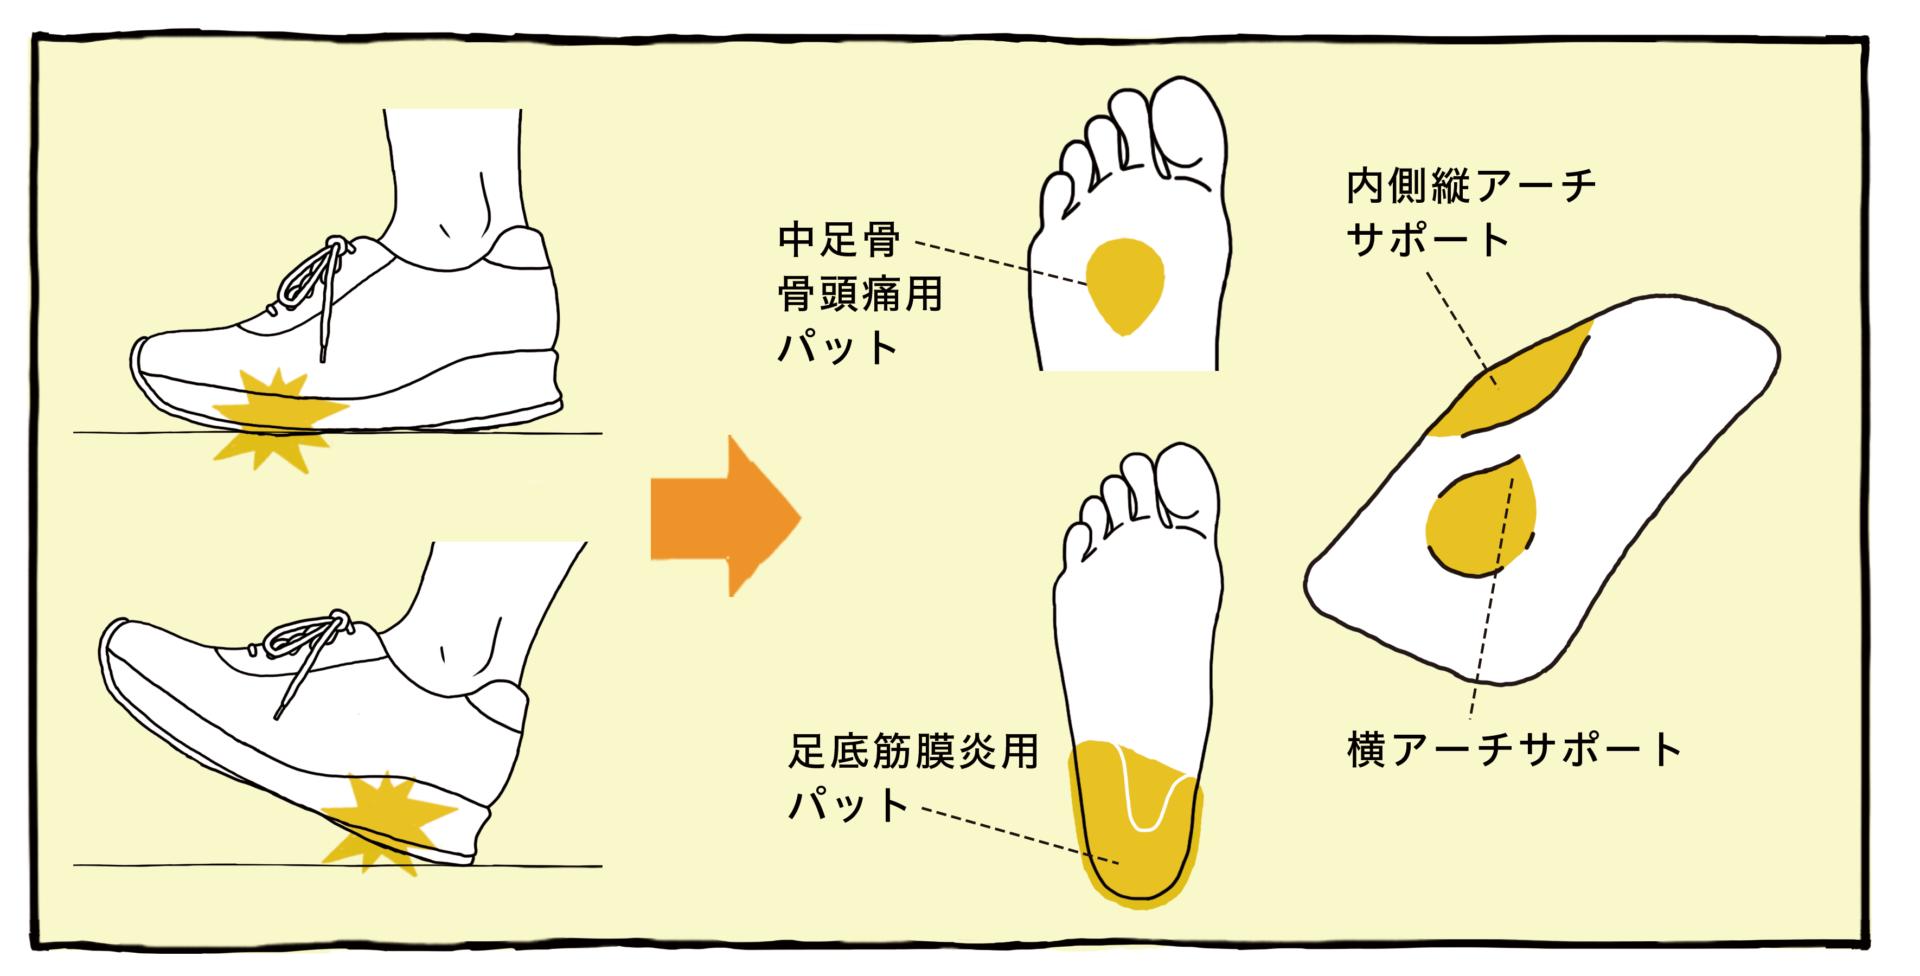 中足骨骨頭痛用パット 足底筋膜炎用パット